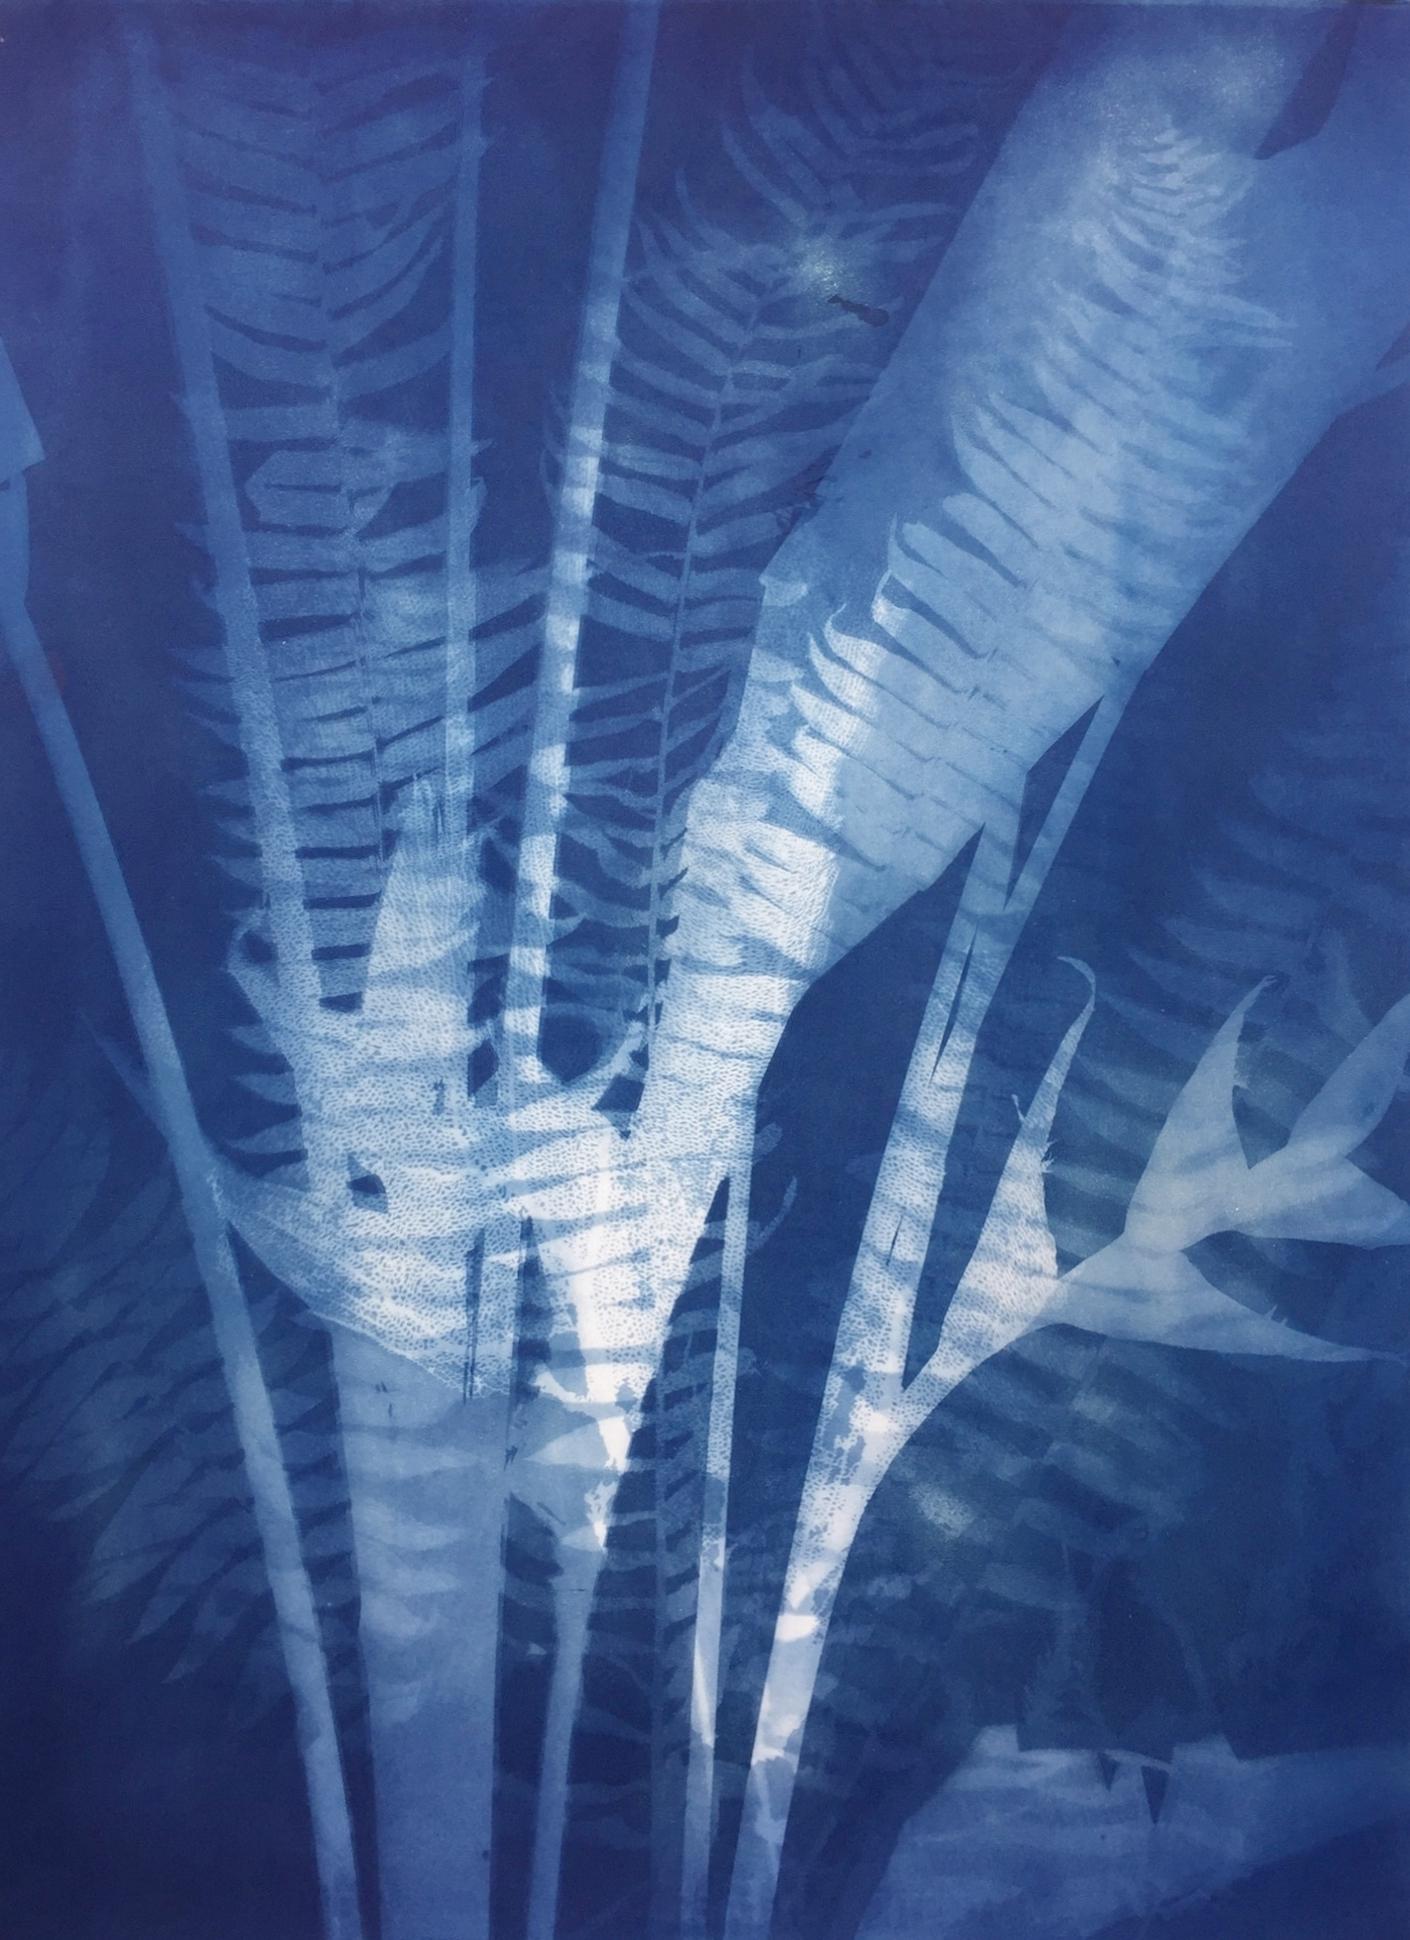 Heliconia Sea Fan 56 x 77 cm  £750